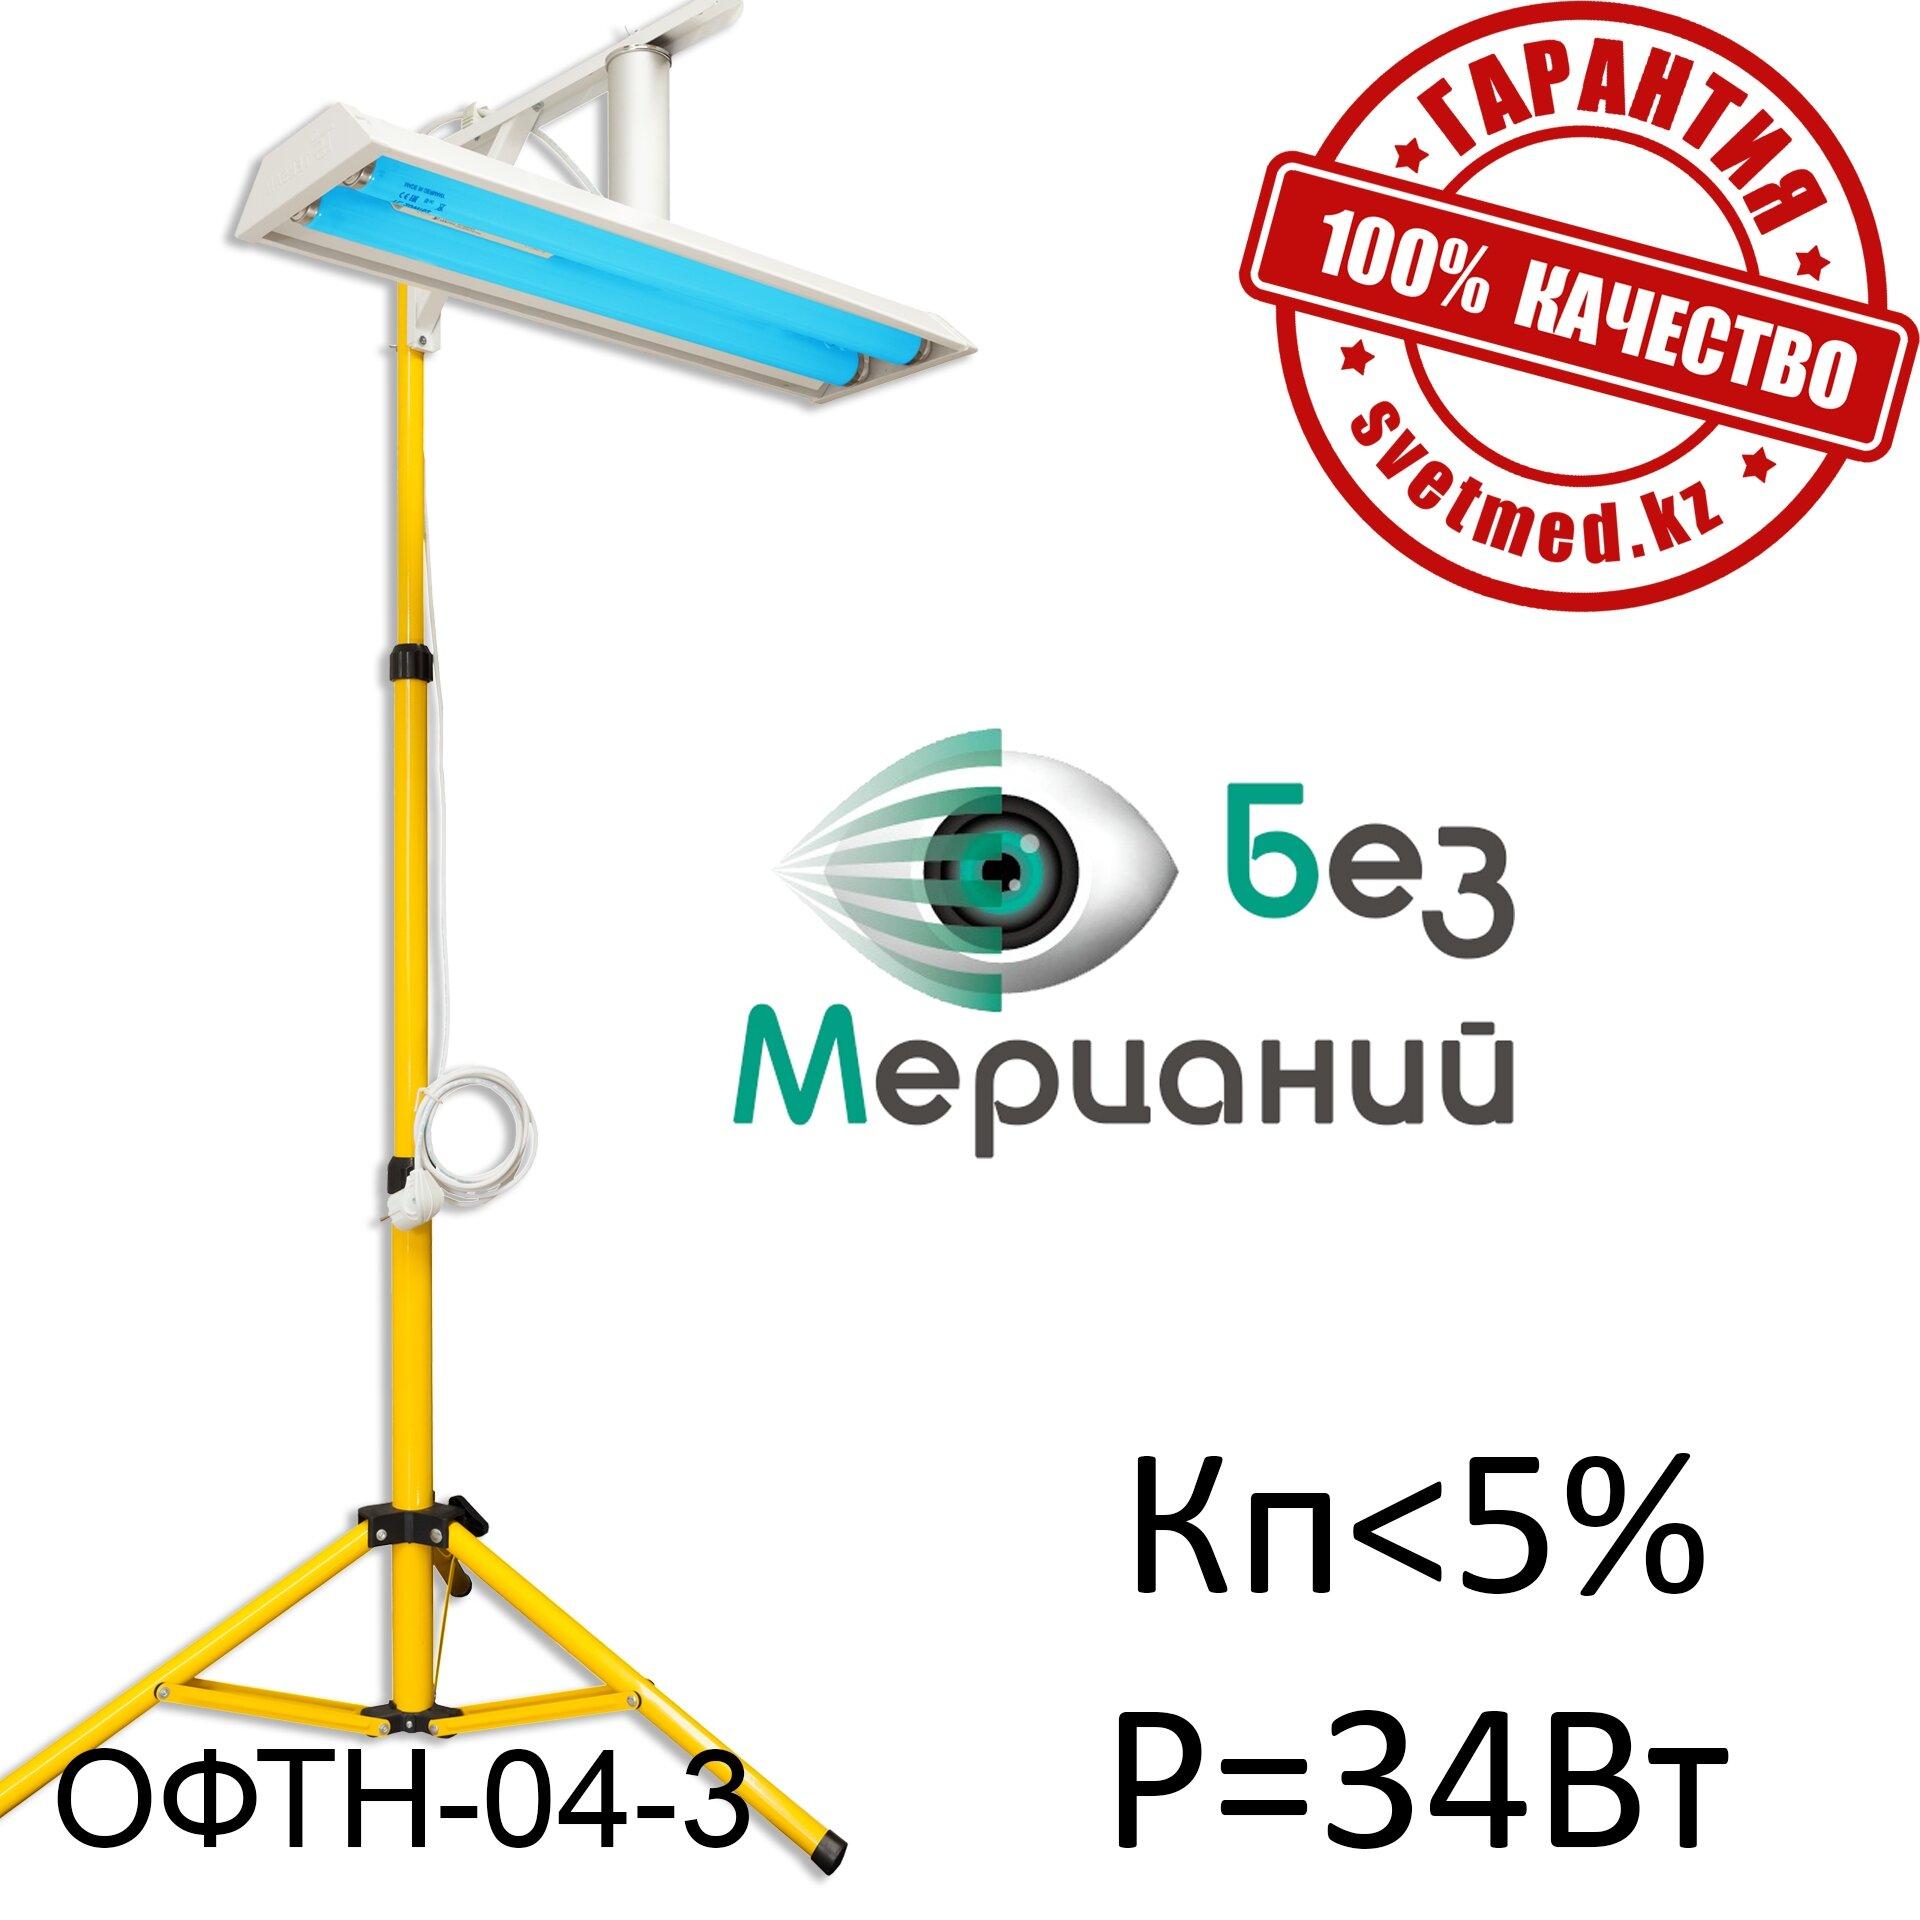 ОФТН-04-3